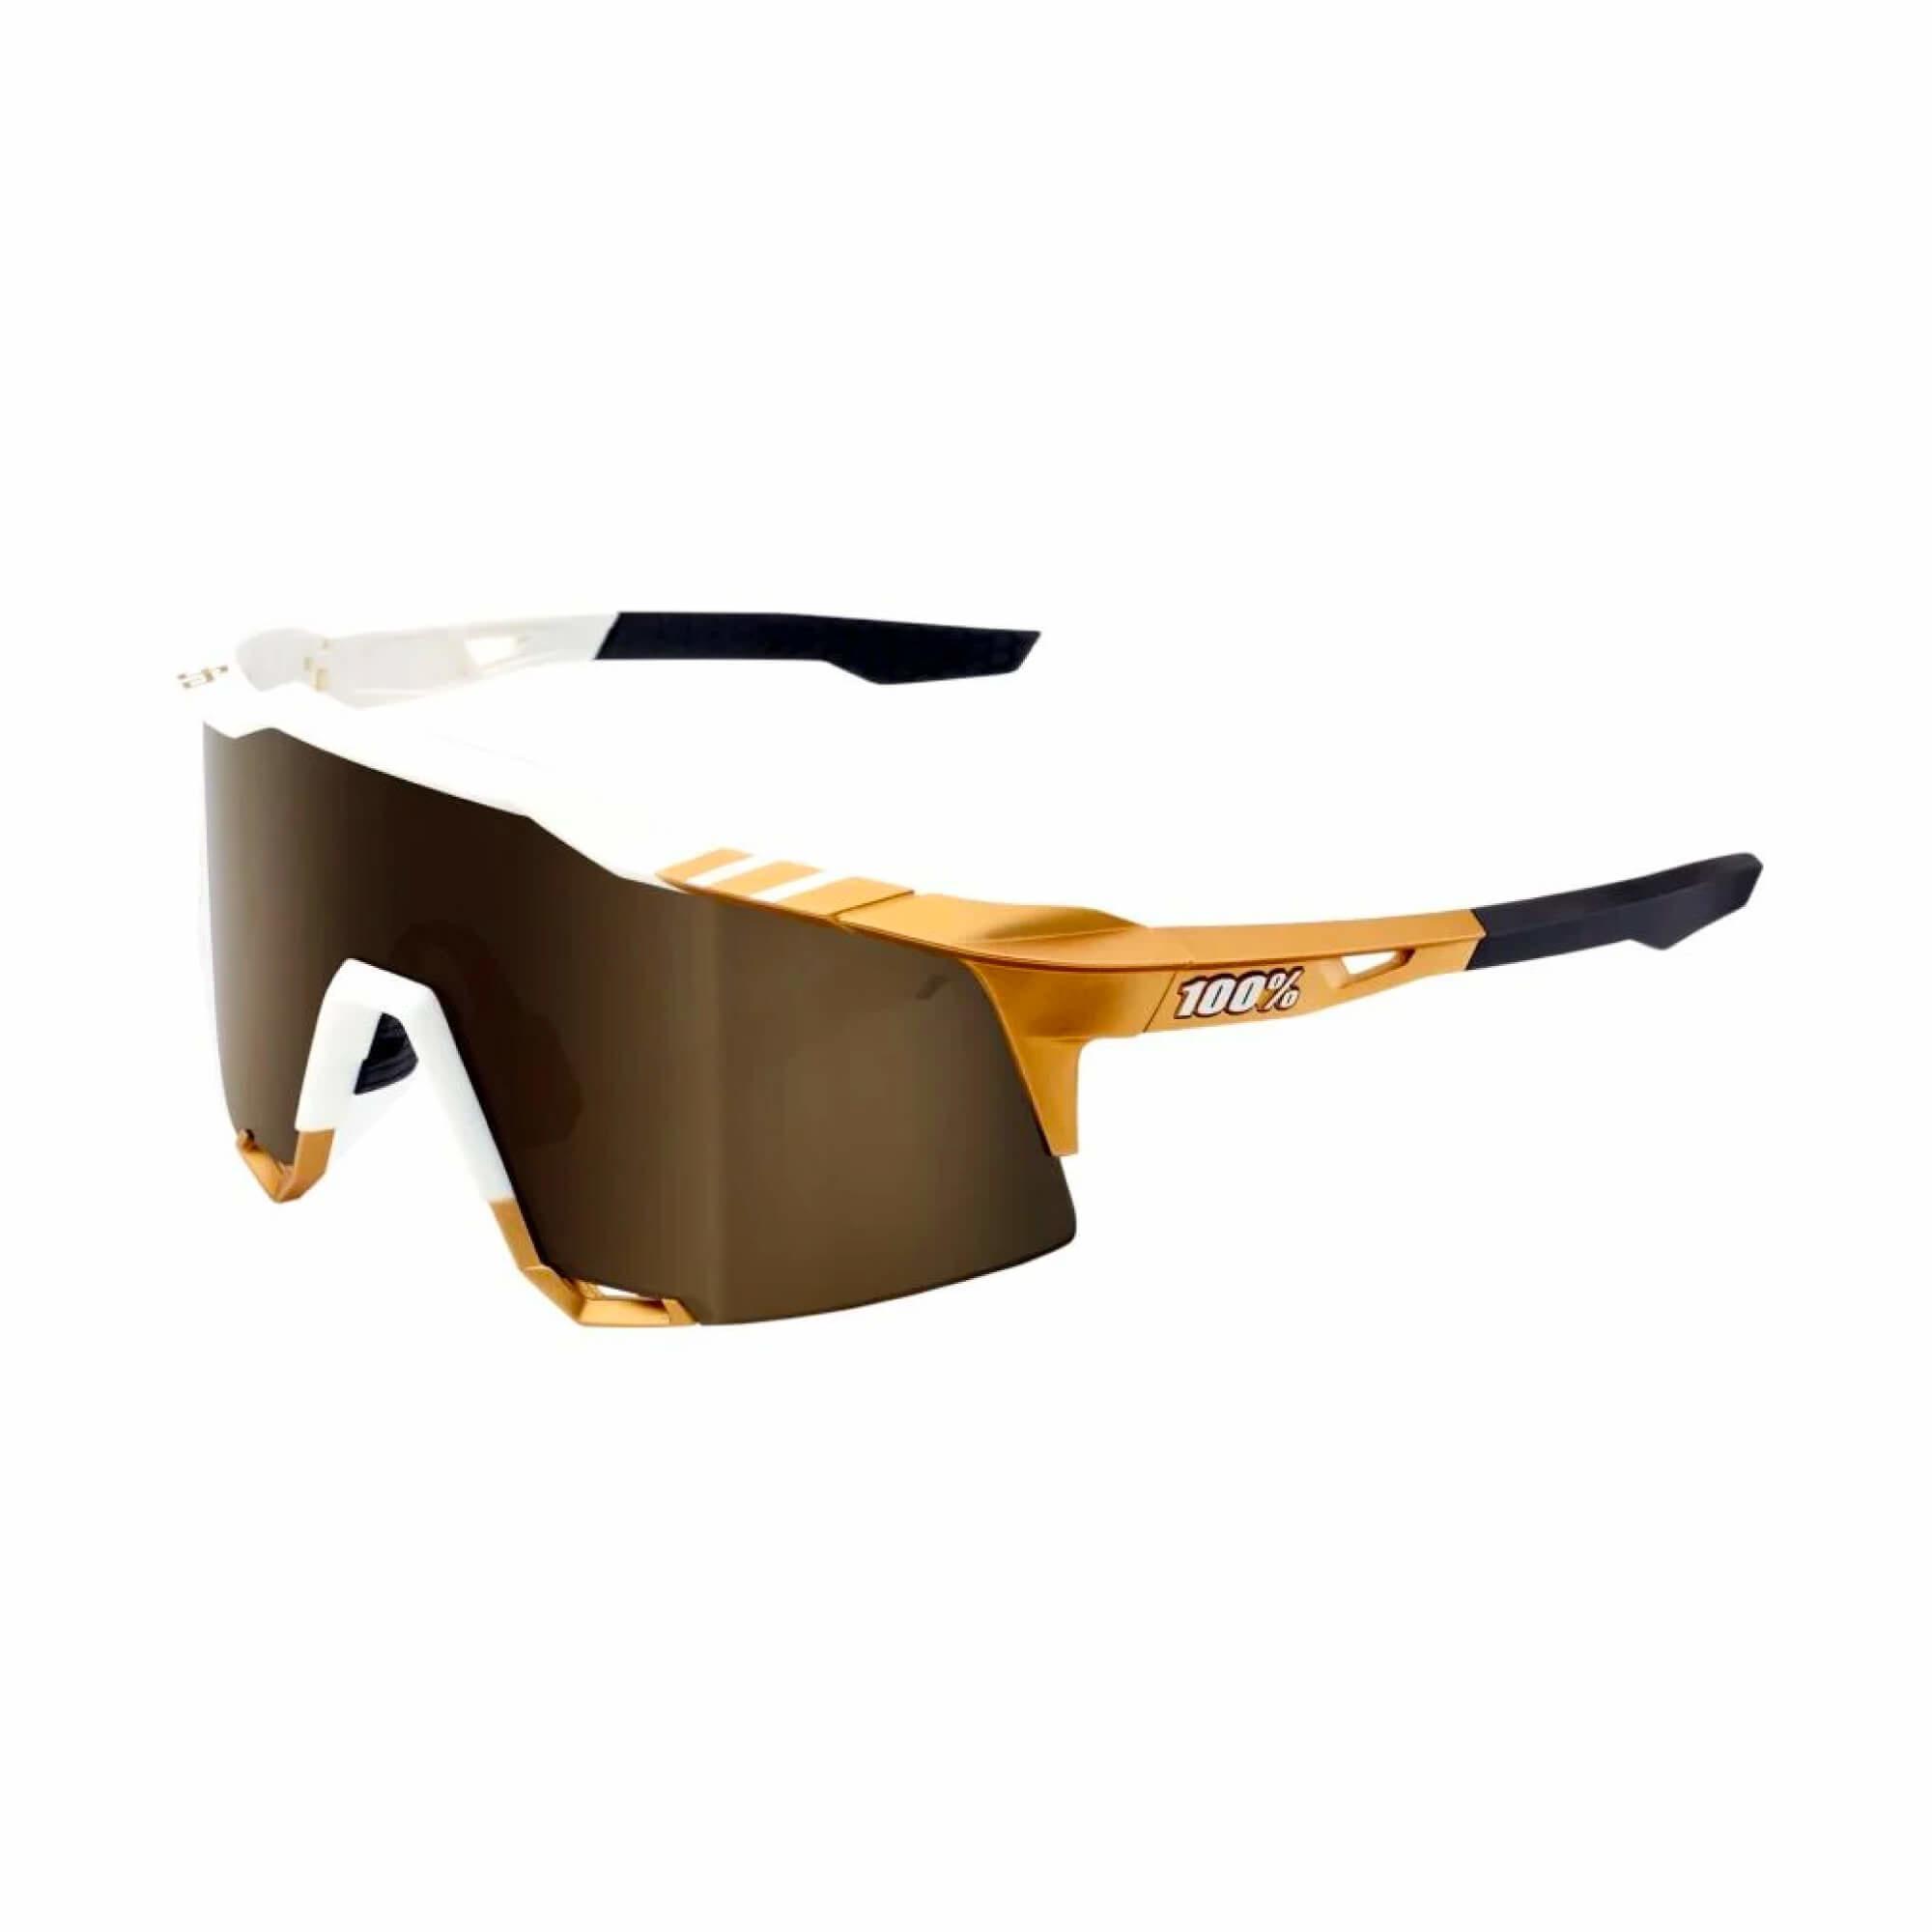 Speedcraft Peter Sagan Le White Gold Colour: White-1